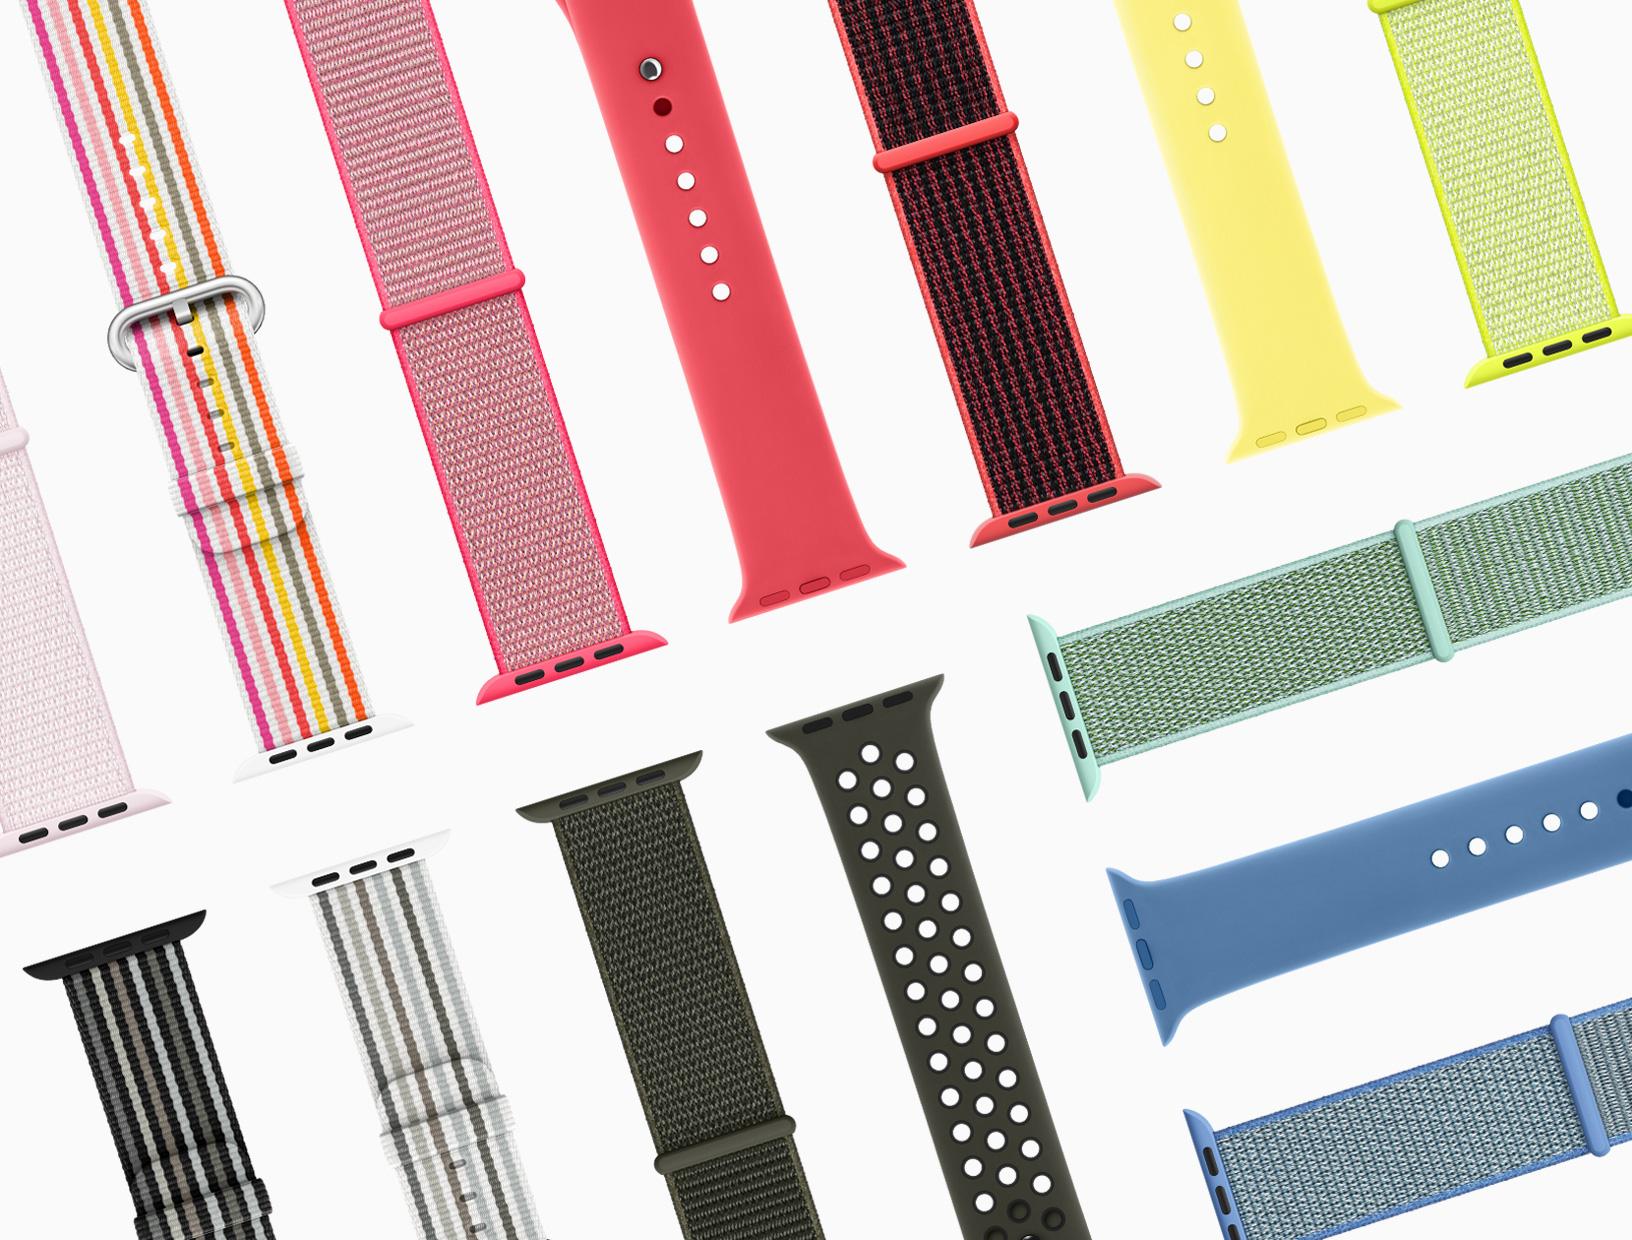 bbce564e385 Serão lançados novos modelos das pulseiras em nylon e linhas Sport